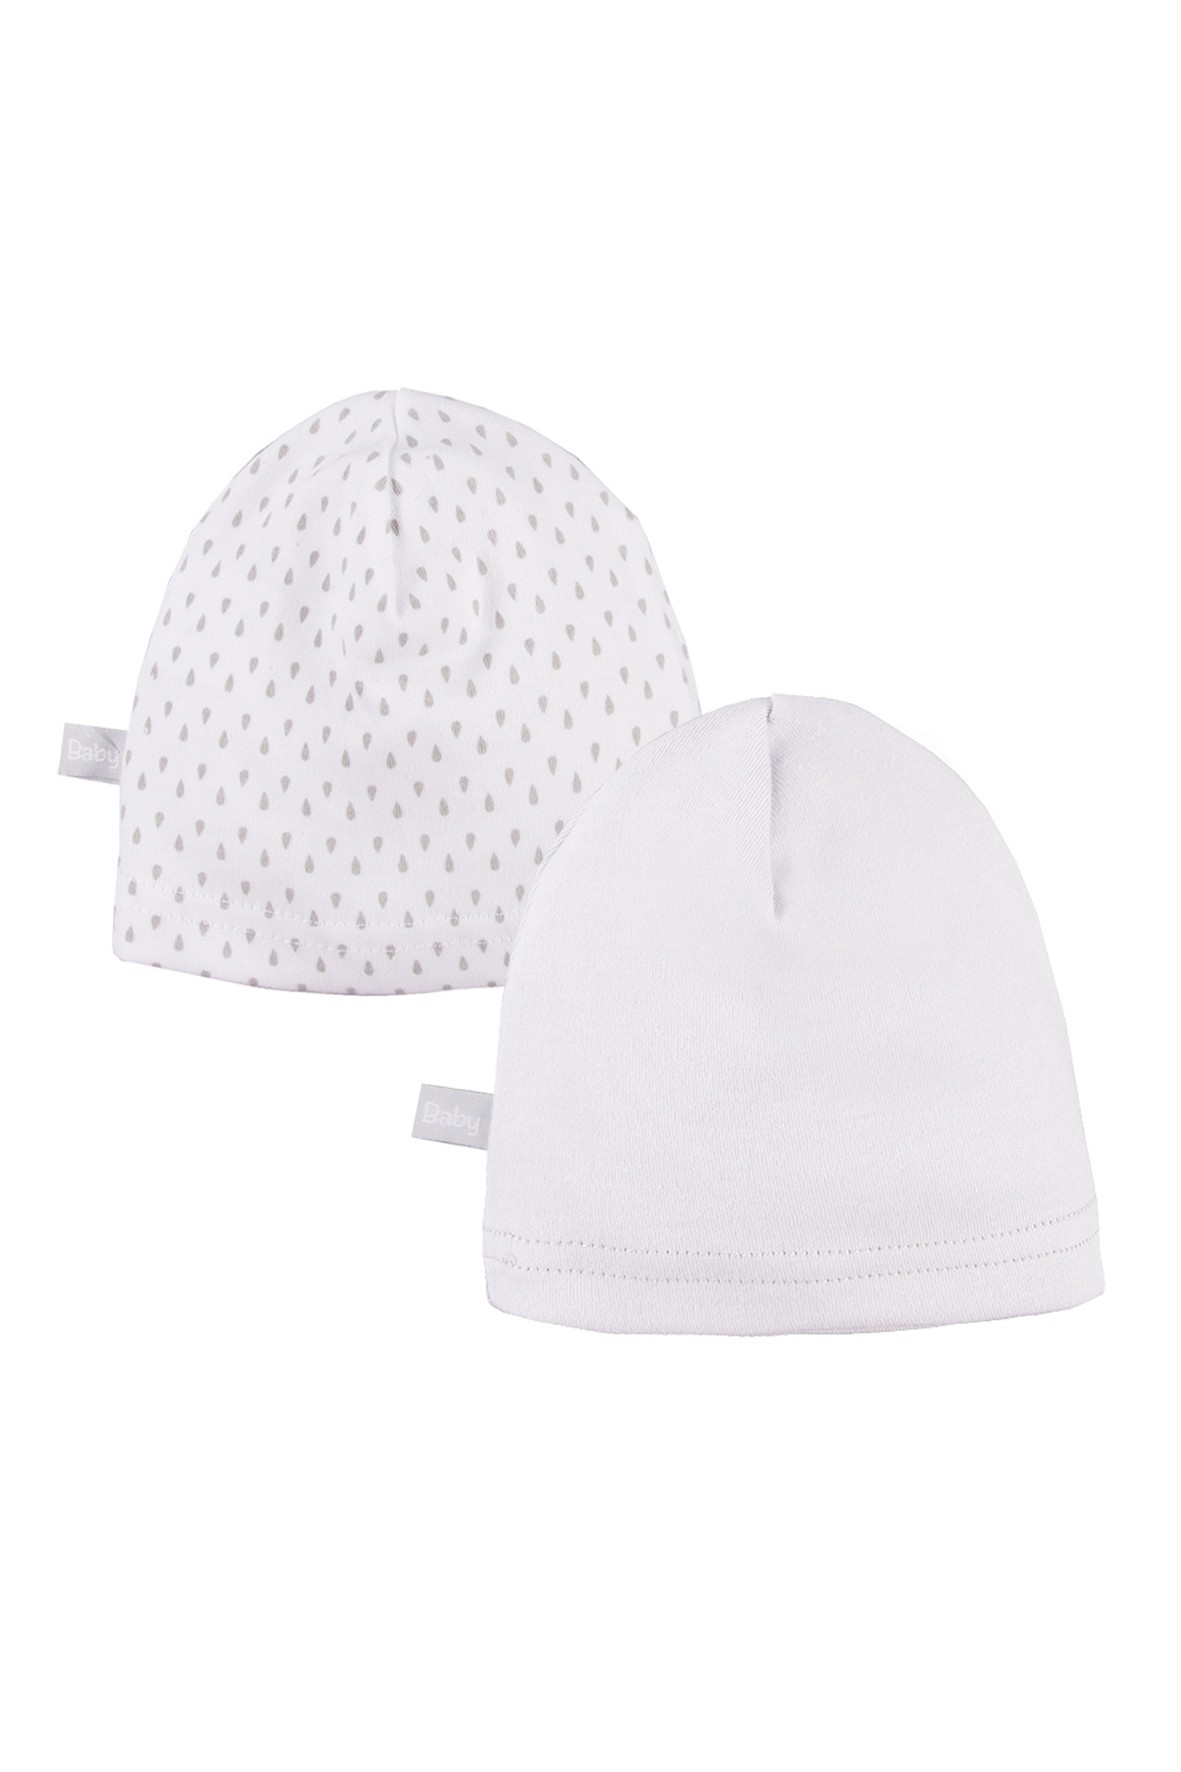 Bawełniane czapki niemowlęce smerfetka 2 - pak